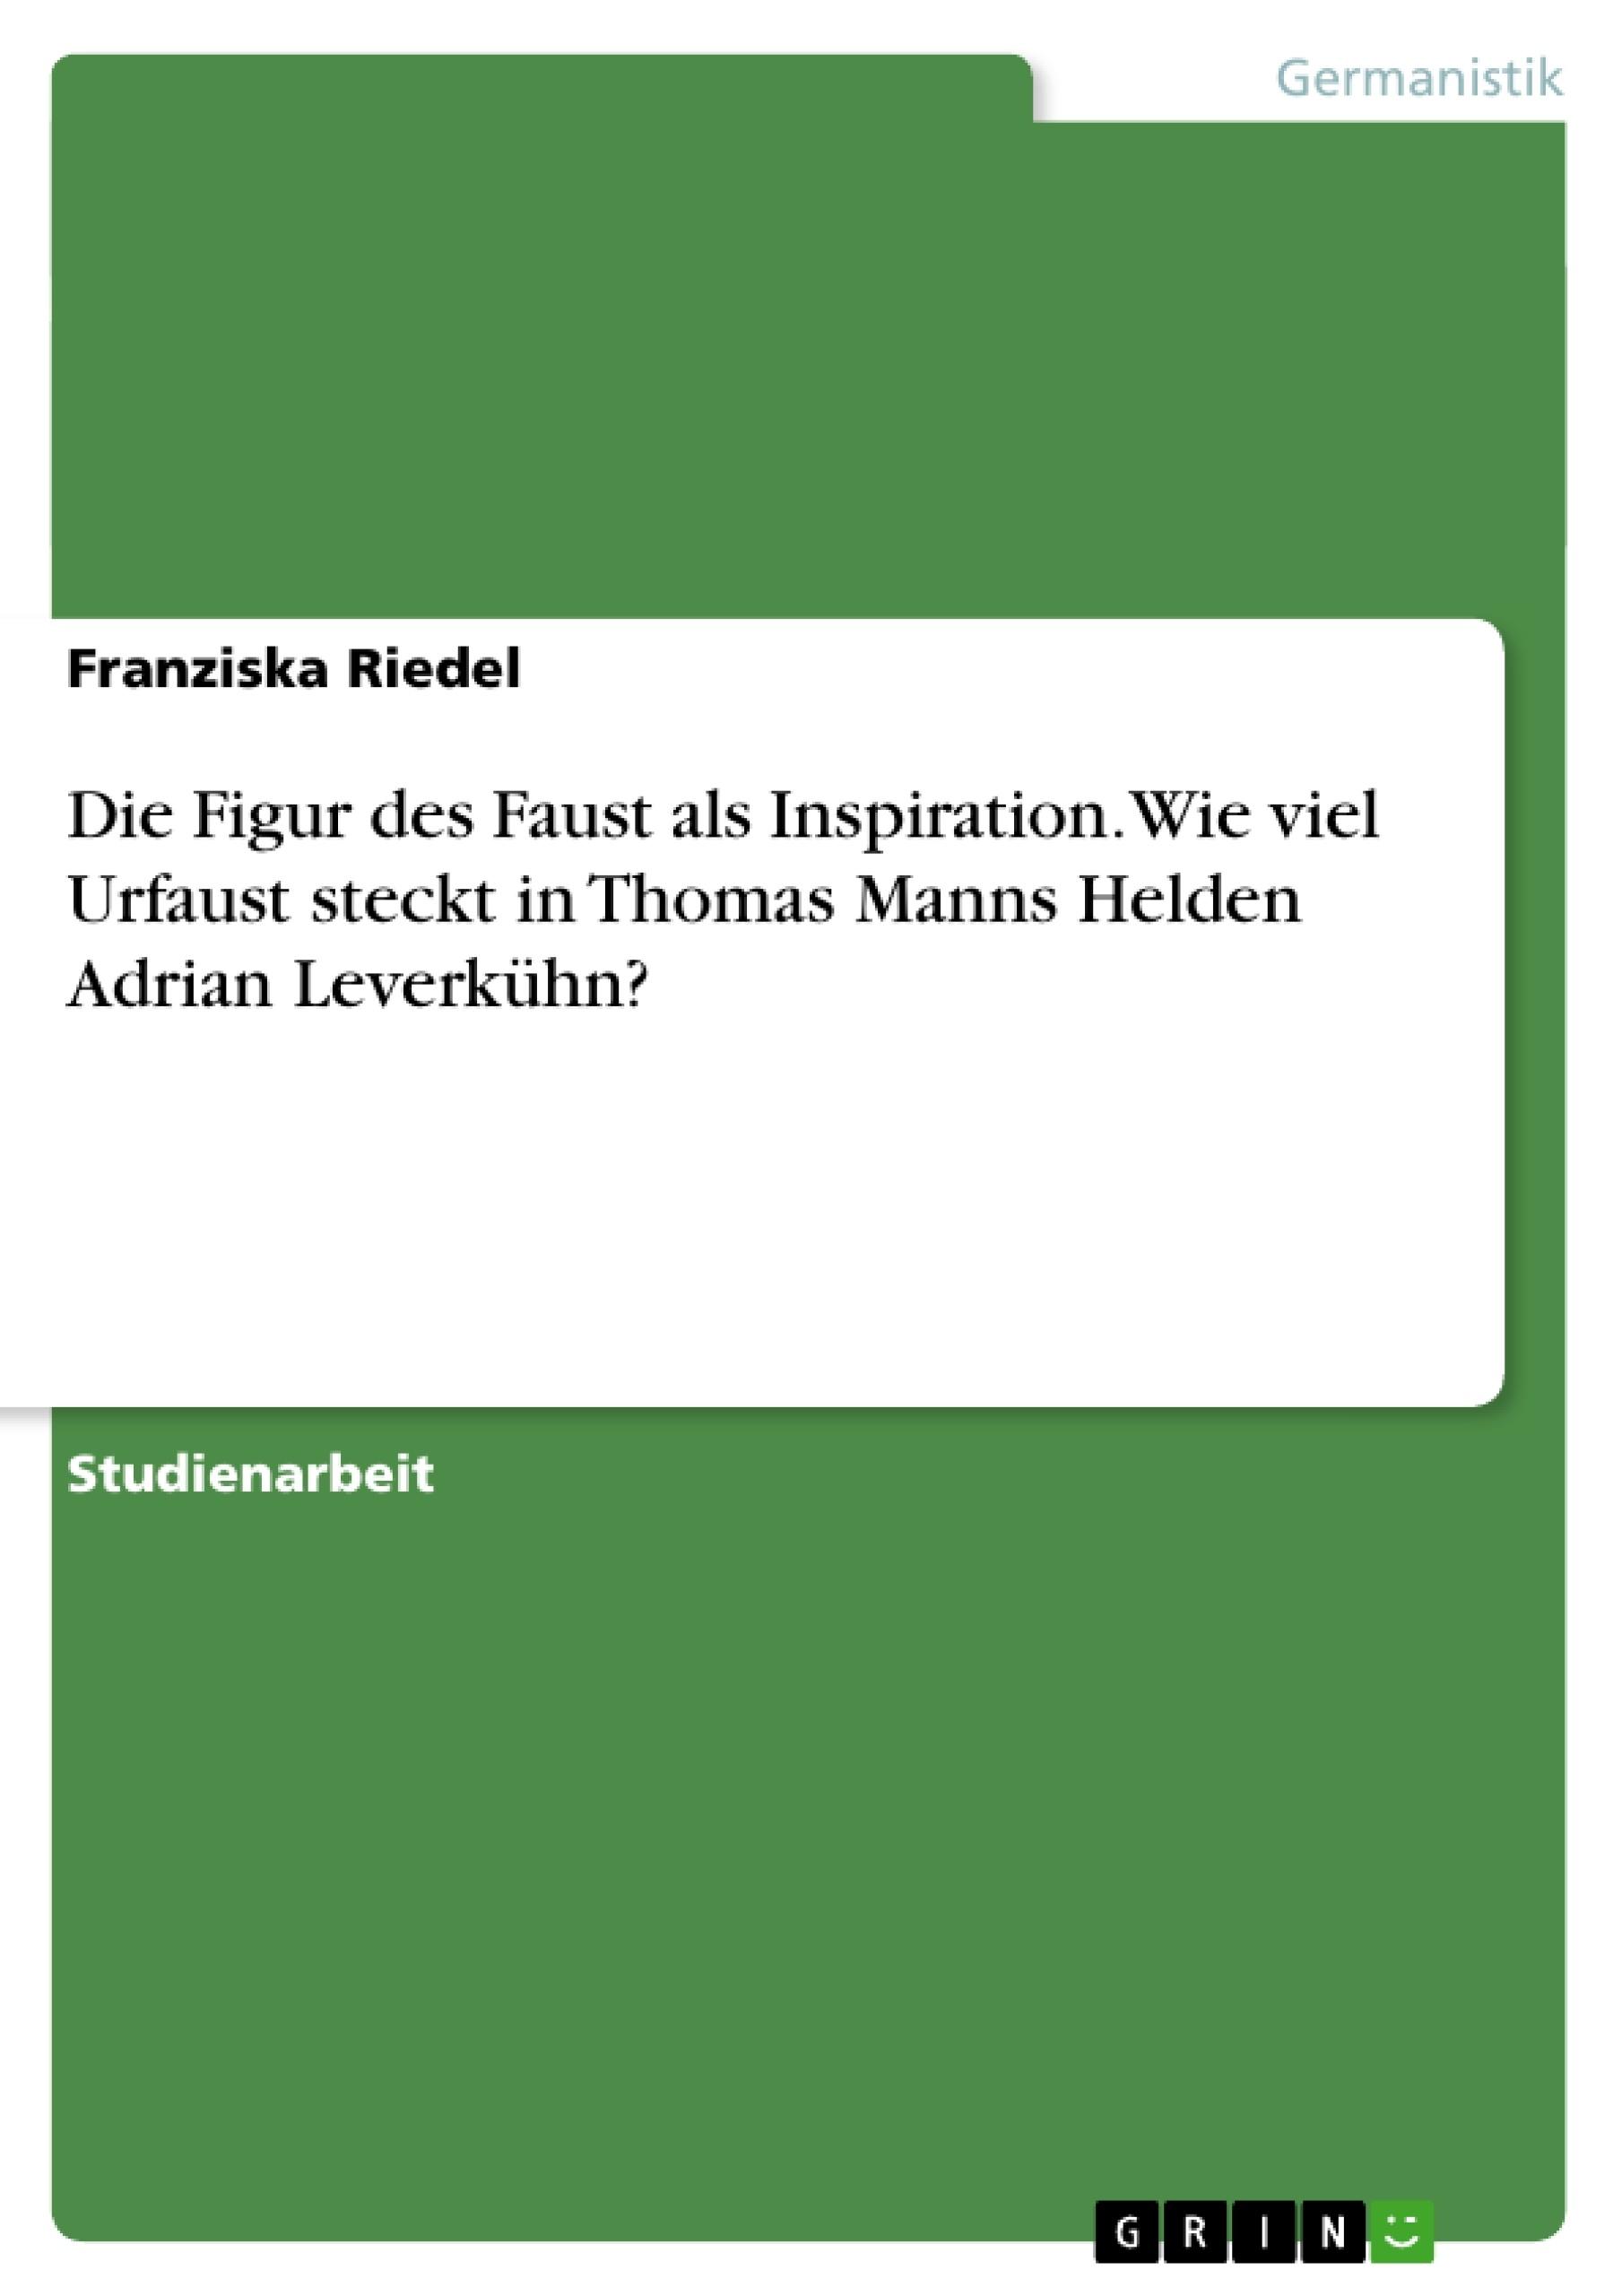 Titel: Die Figur des Faust als Inspiration. Wie viel Urfaust steckt in Thomas Manns Helden Adrian Leverkühn?